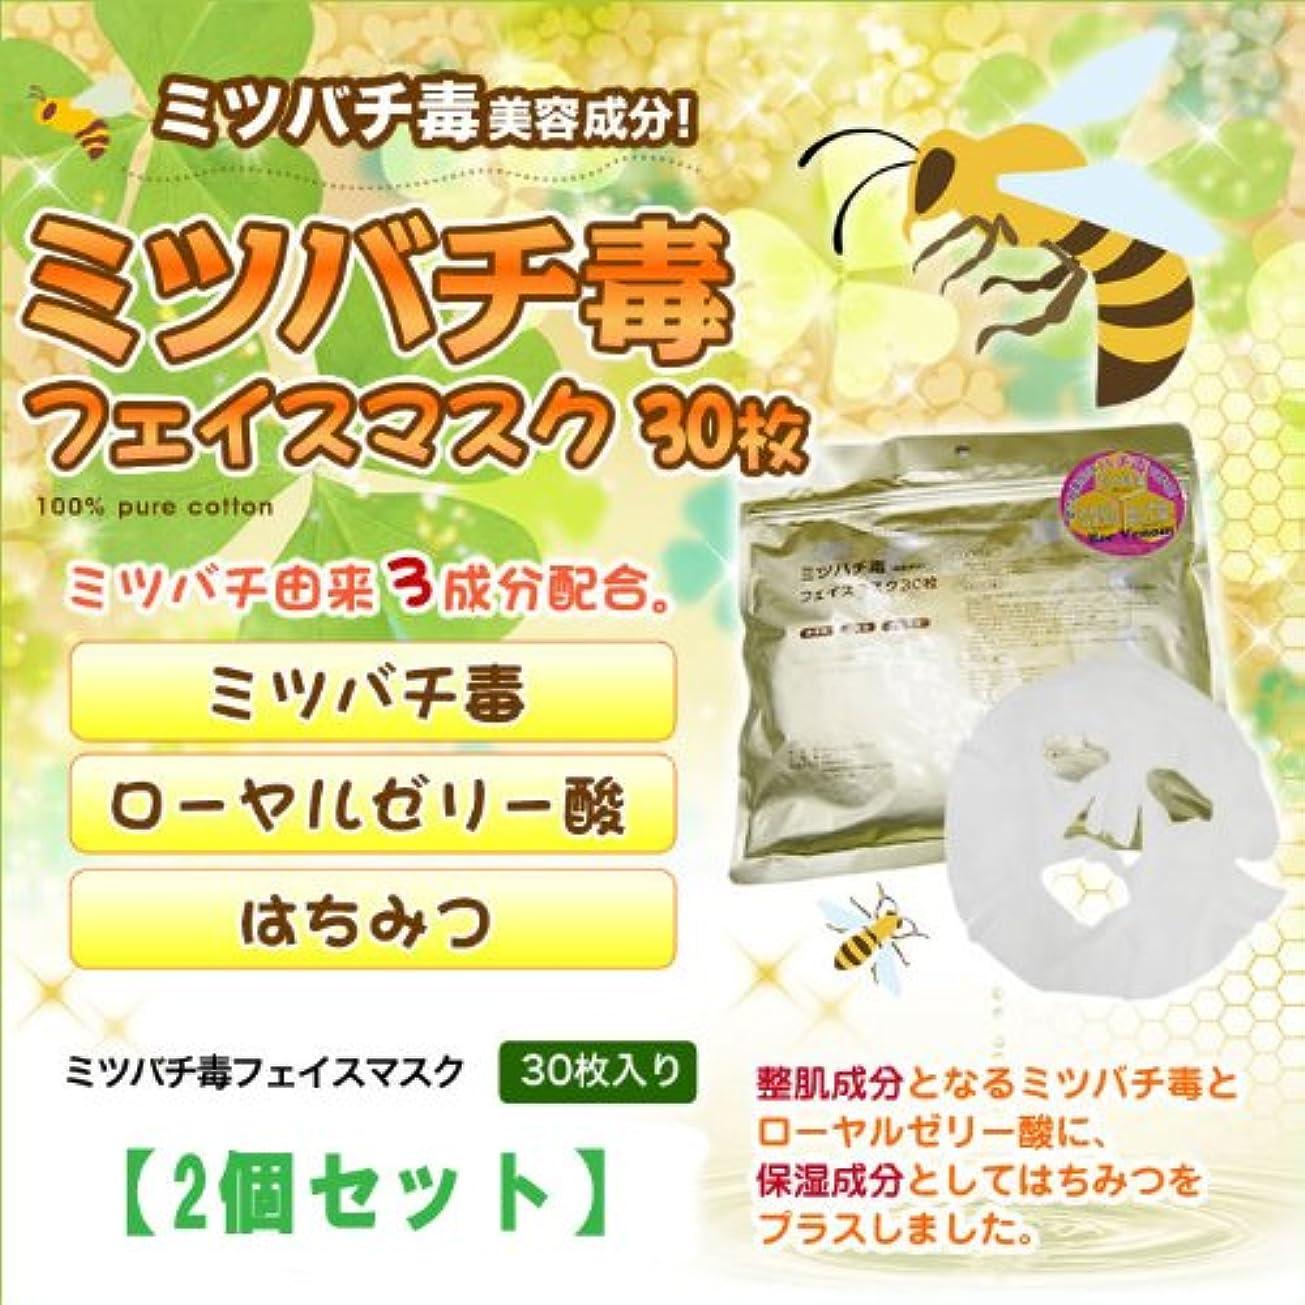 ミツバチ毒フェイスマスク30枚入り×2個セット(ミツバチ由来3成分配合美容マスクシートパック)